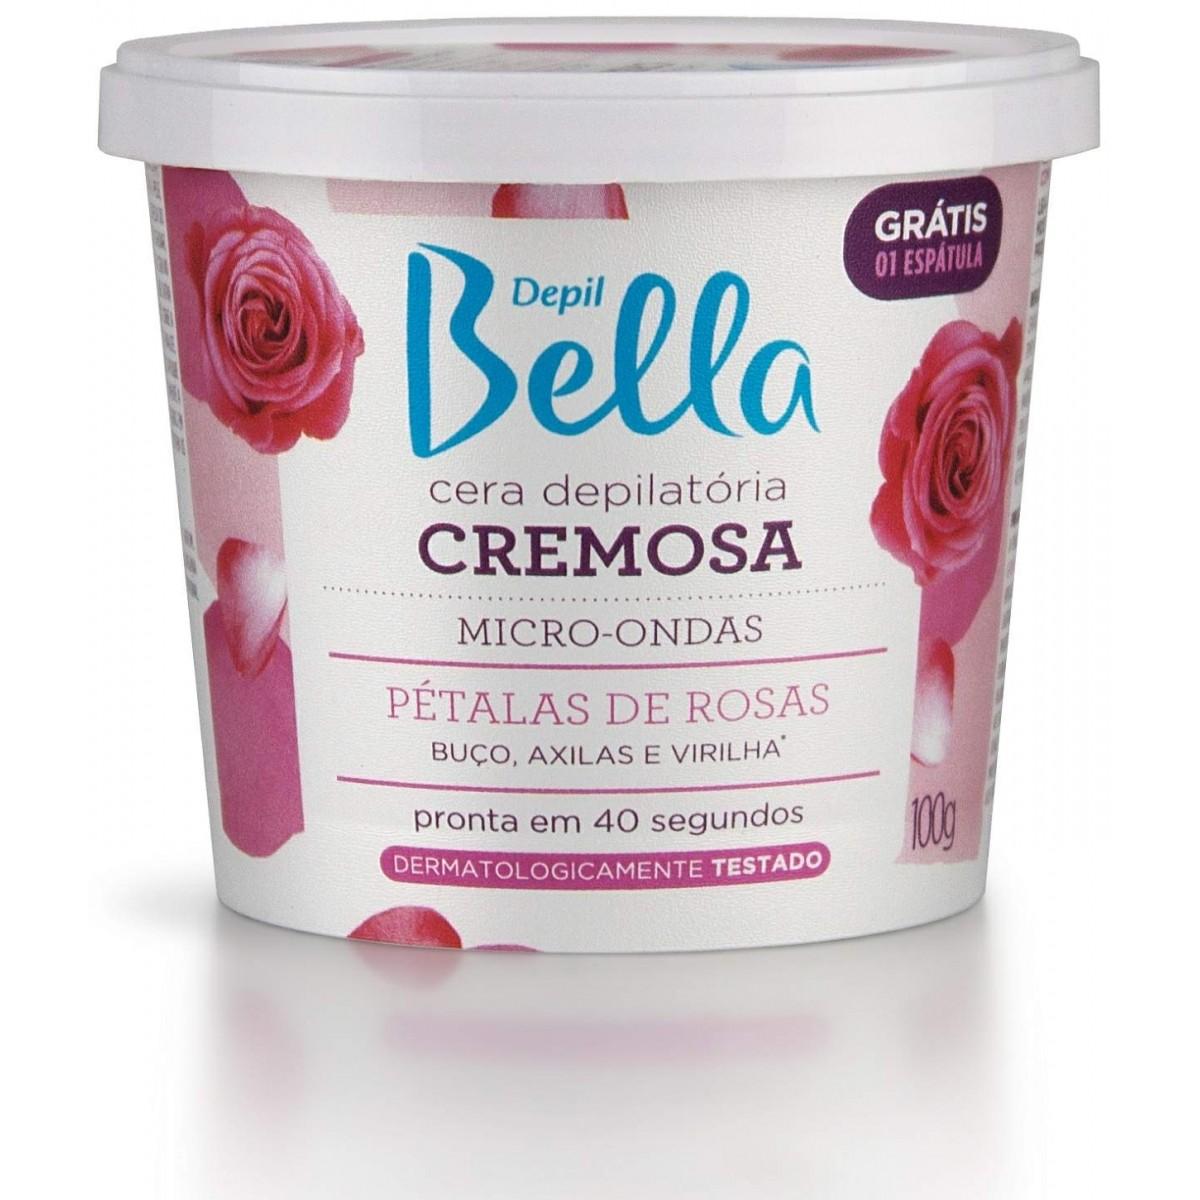 Cera Cremosa Micro-ondas Pétala De Rosas Depil Bella - 100g